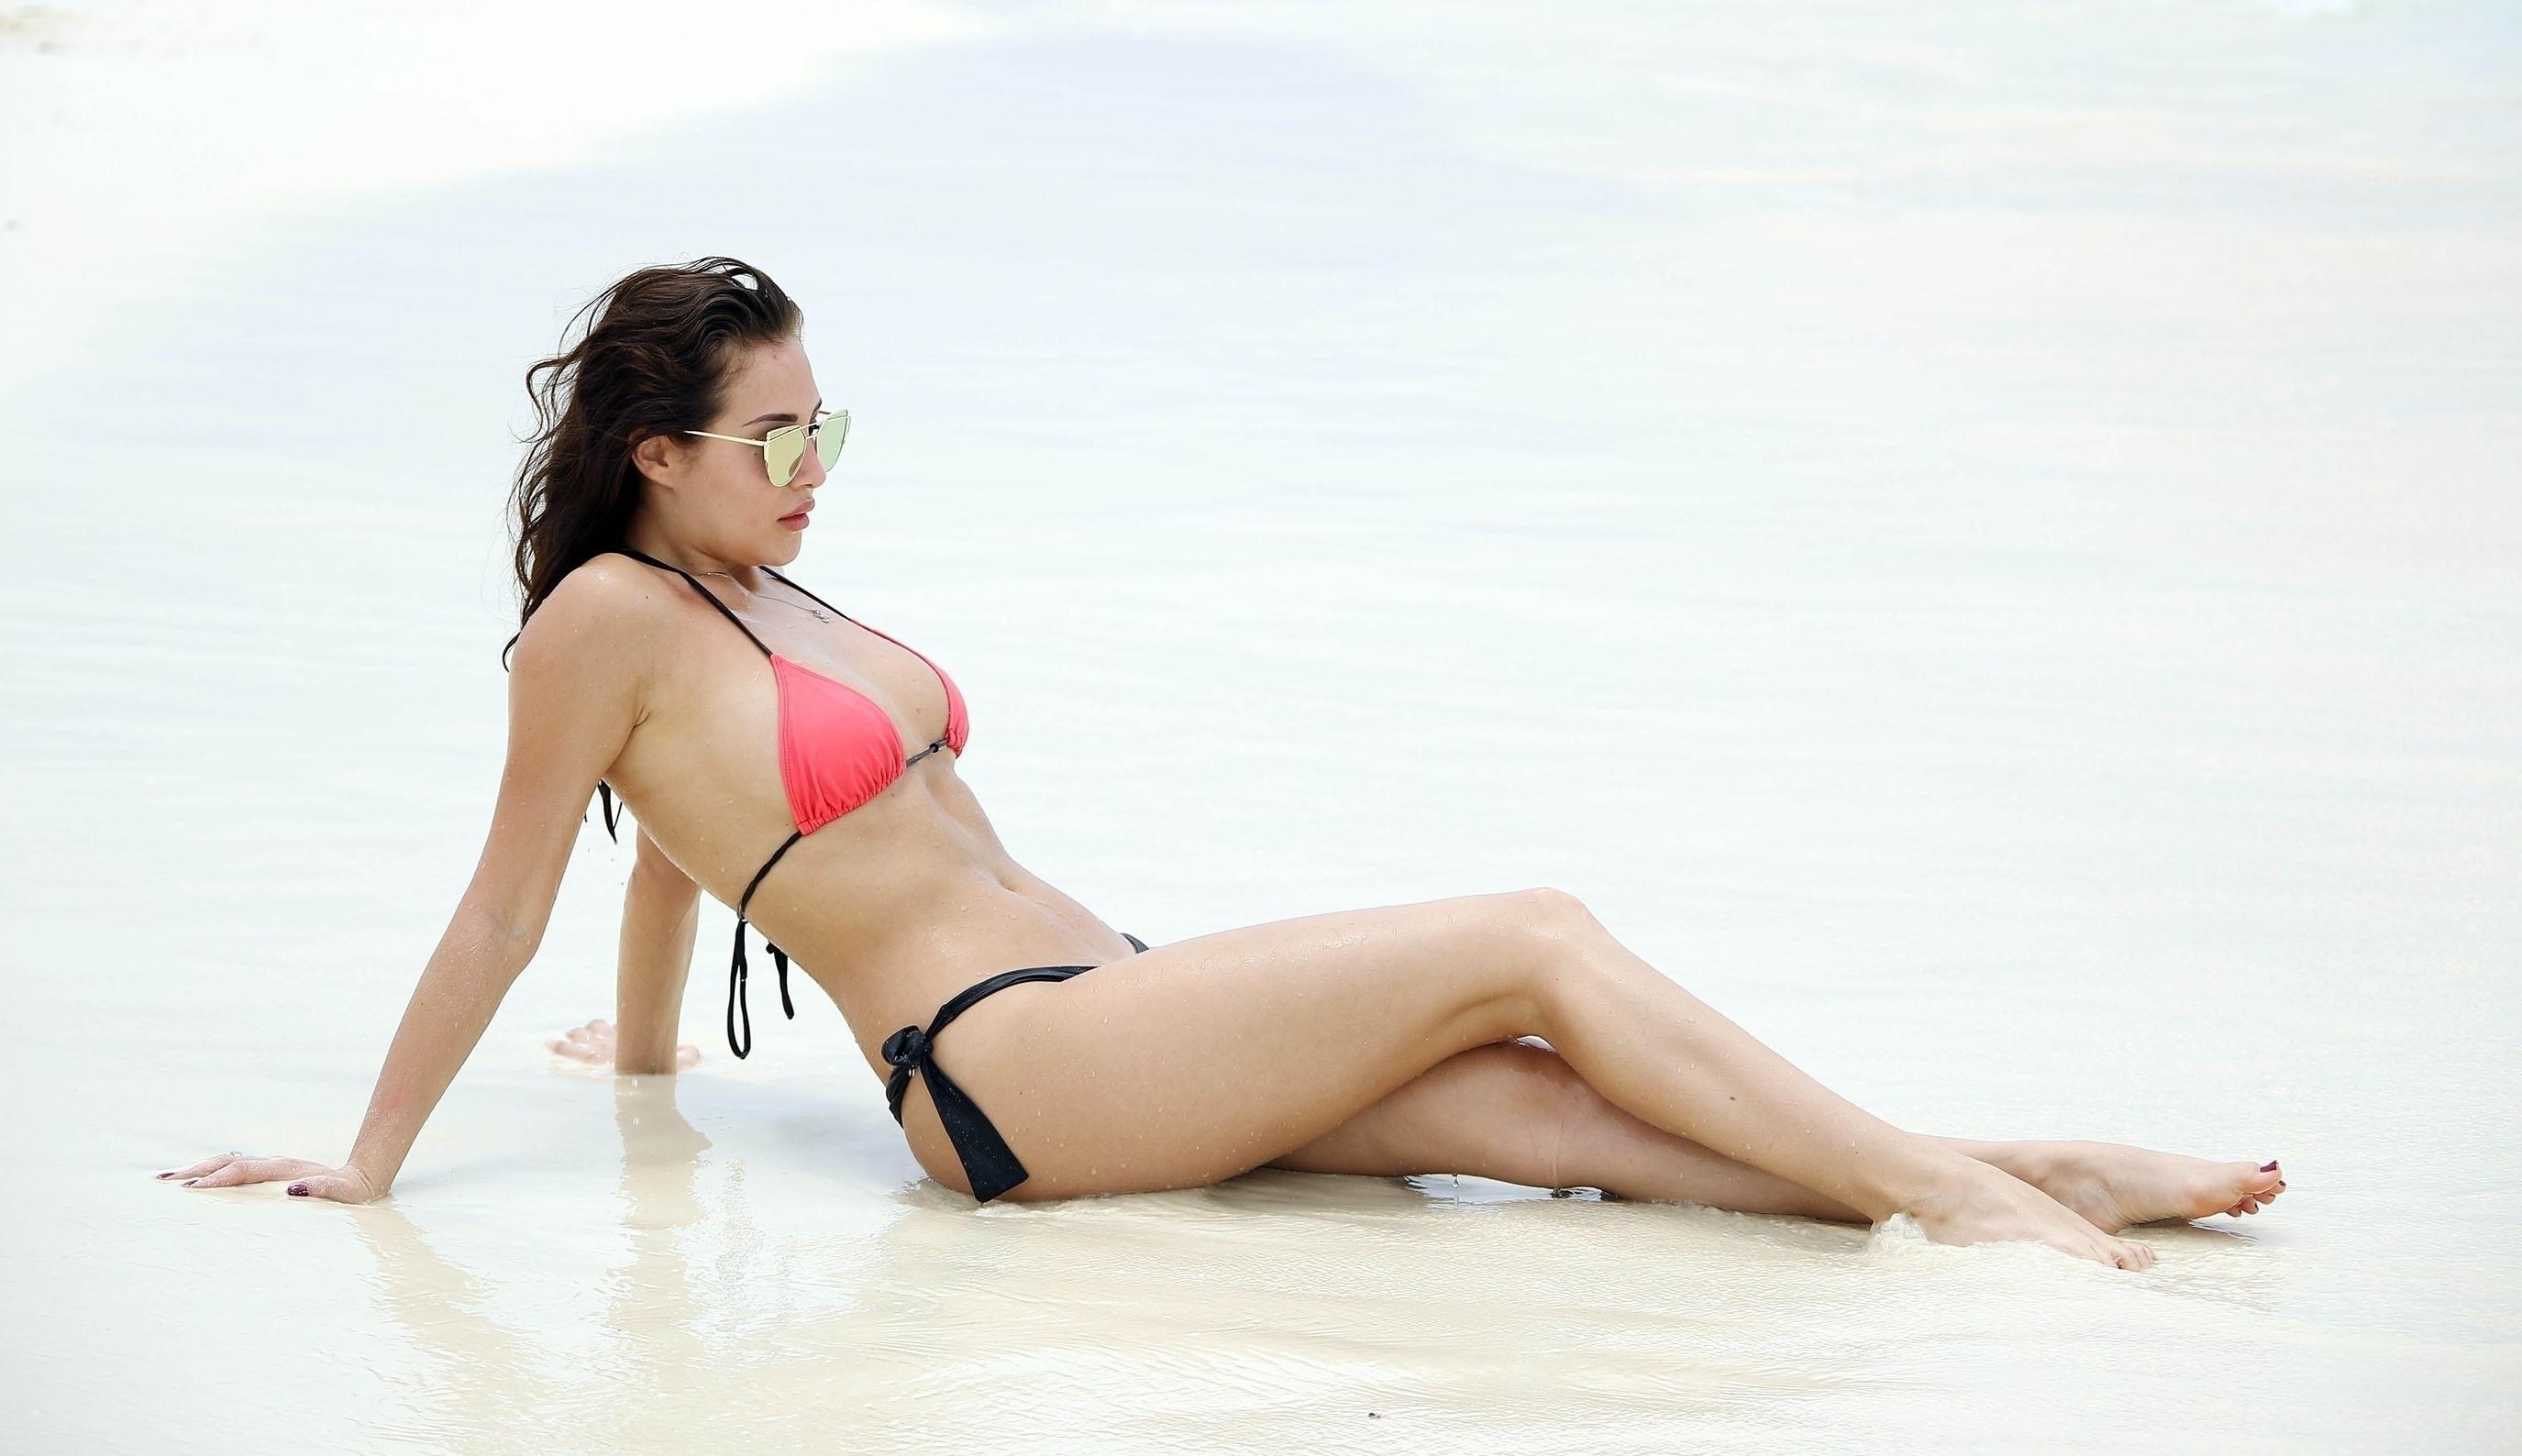 Feet Bianca Gascoigne naked (37 photo), Ass, Hot, Twitter, butt 2019